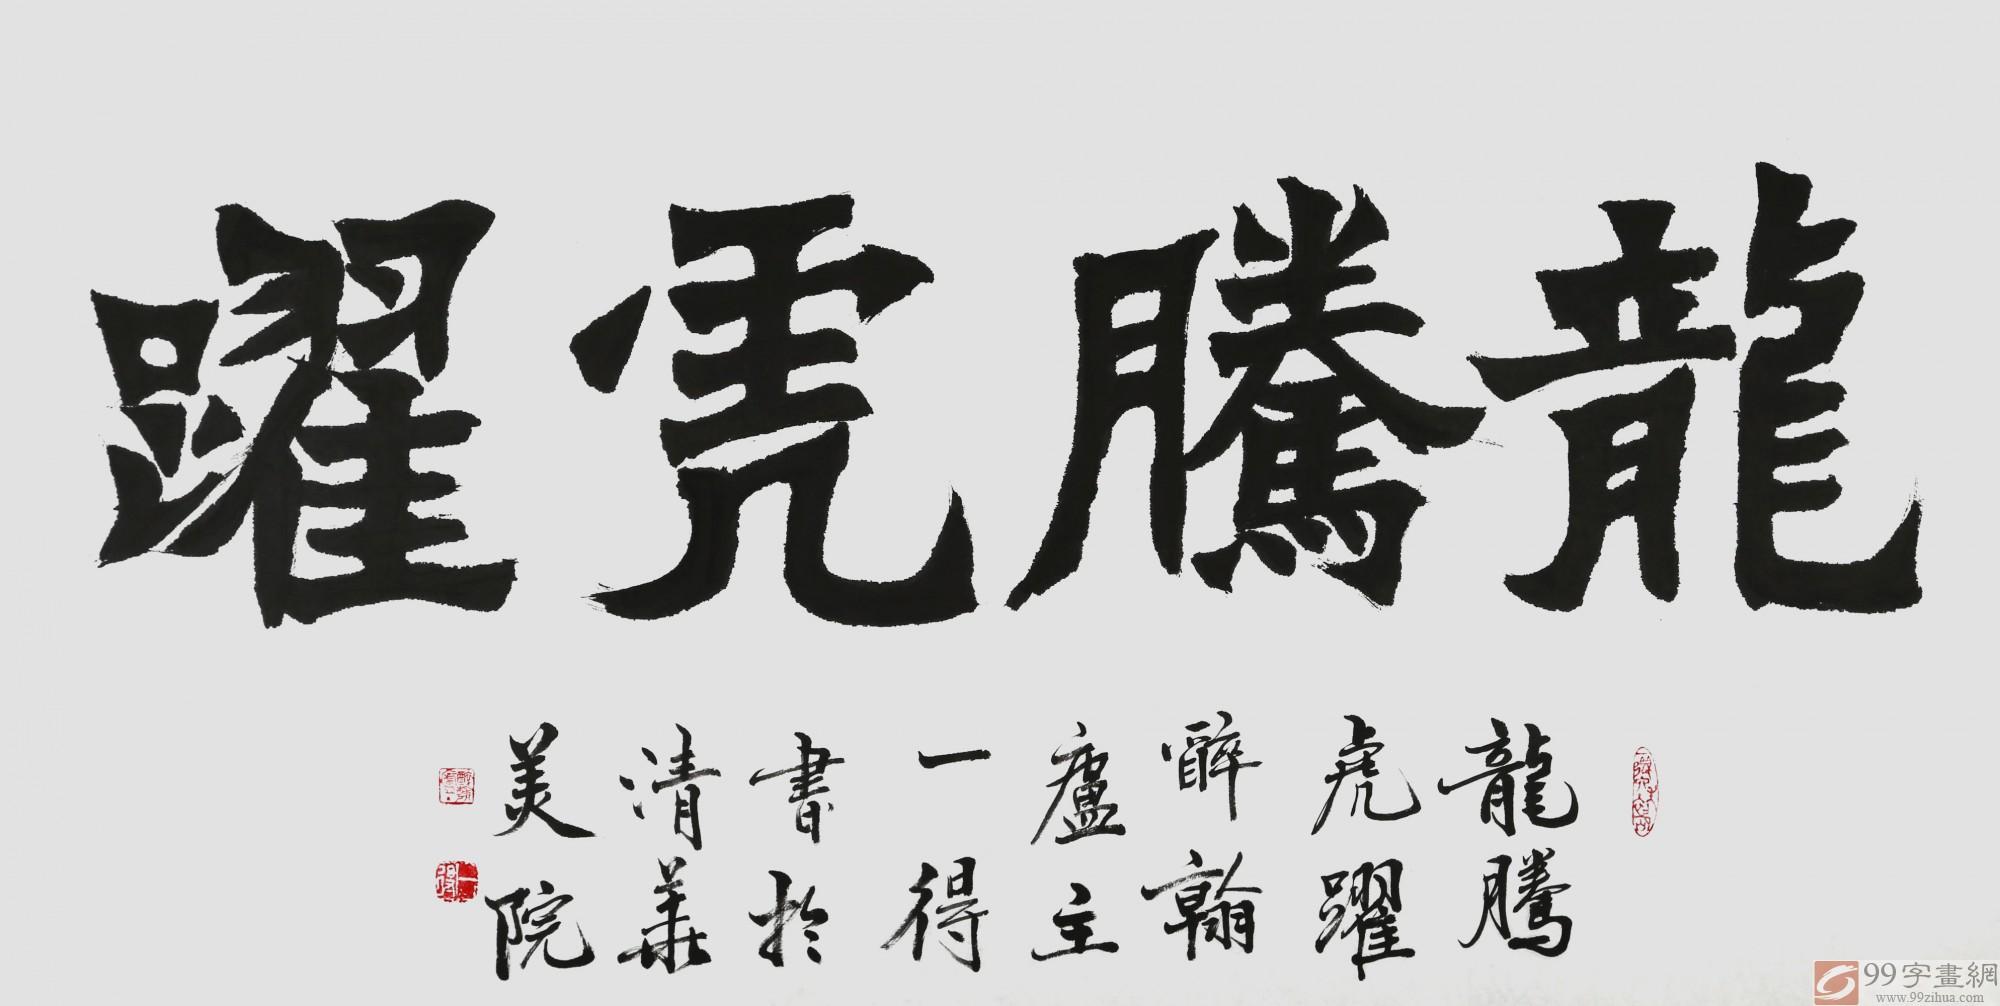 那年四季李上安吉他谱-王永德,国家字库雁翎体、丫丫体创始人,1947年生于洛阳,字一得,